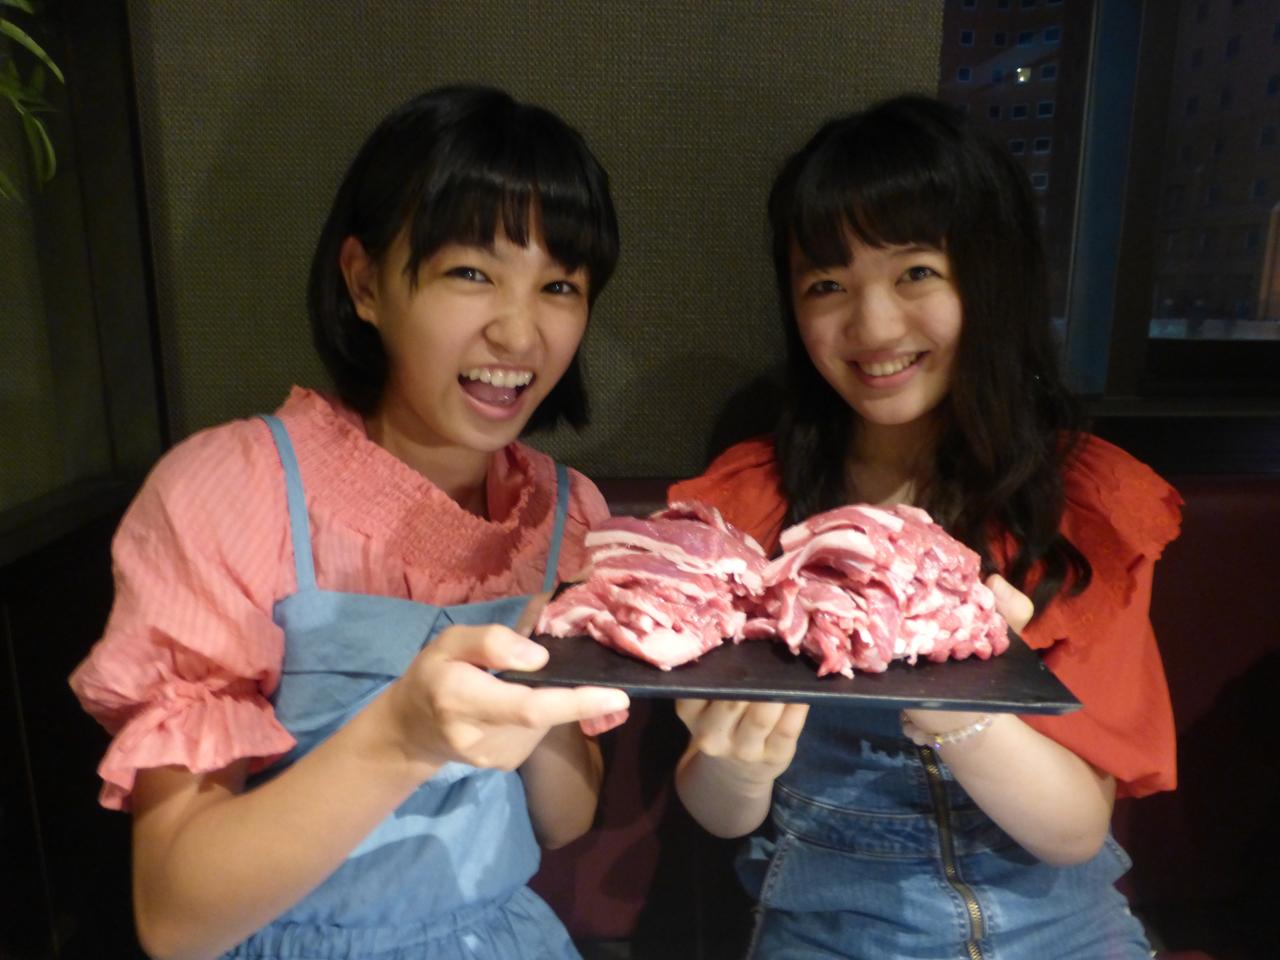 札幌キャンペーンではジンギスカンを頂きました。ウマシウマシ。(蒼良/愛)